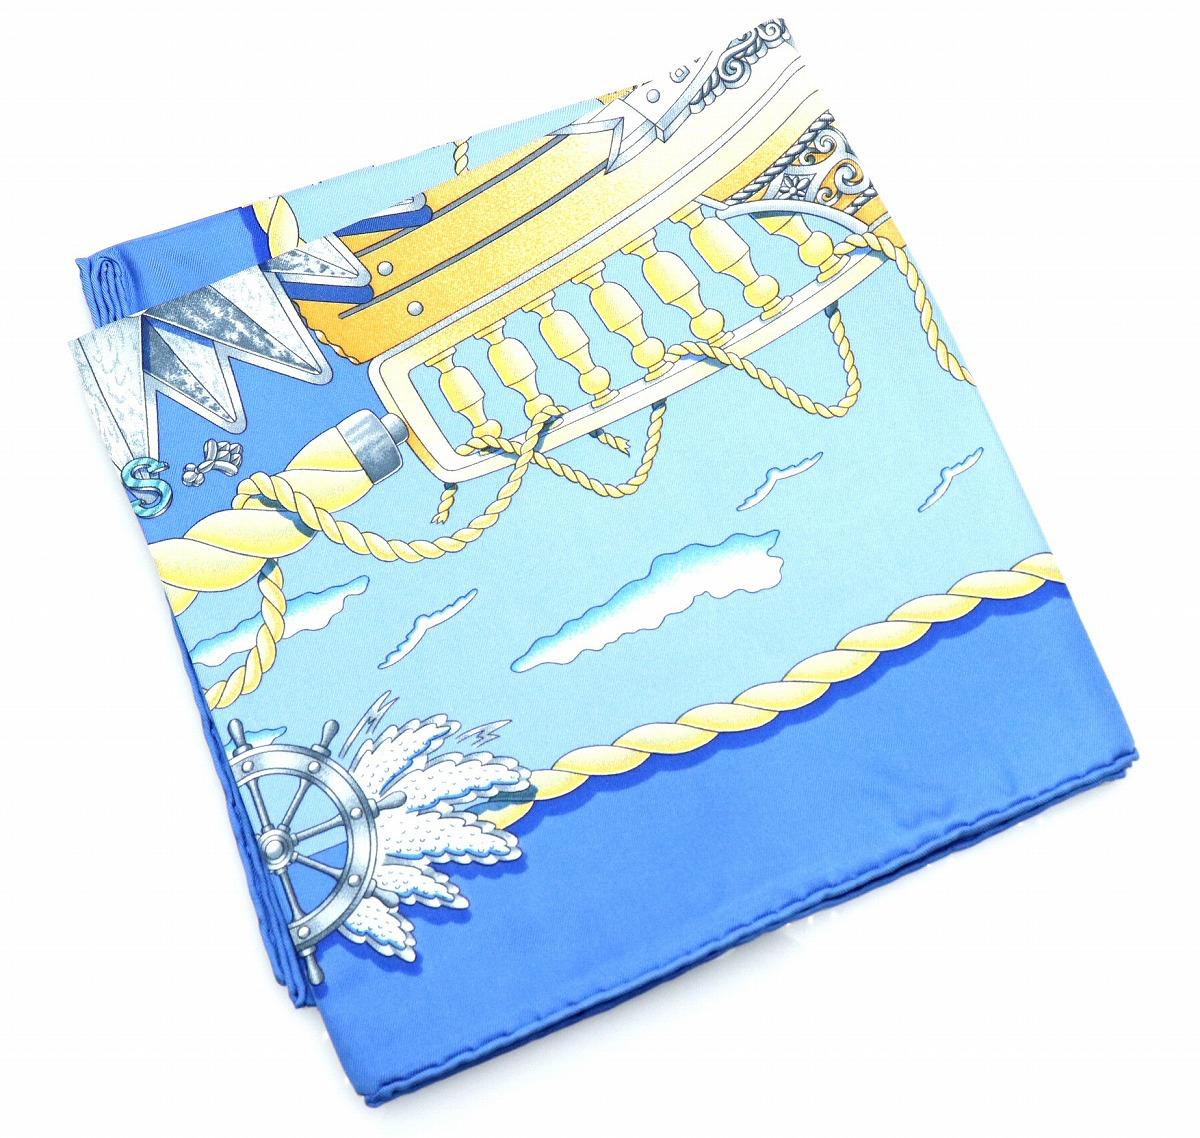 【未使用品】【アパレル】HERMES エルメス カレ90 RAILING 船の手摺スカーフ 大判スカーフ シルク100% ブルー系 青 マルチカラー 【中古】【k】